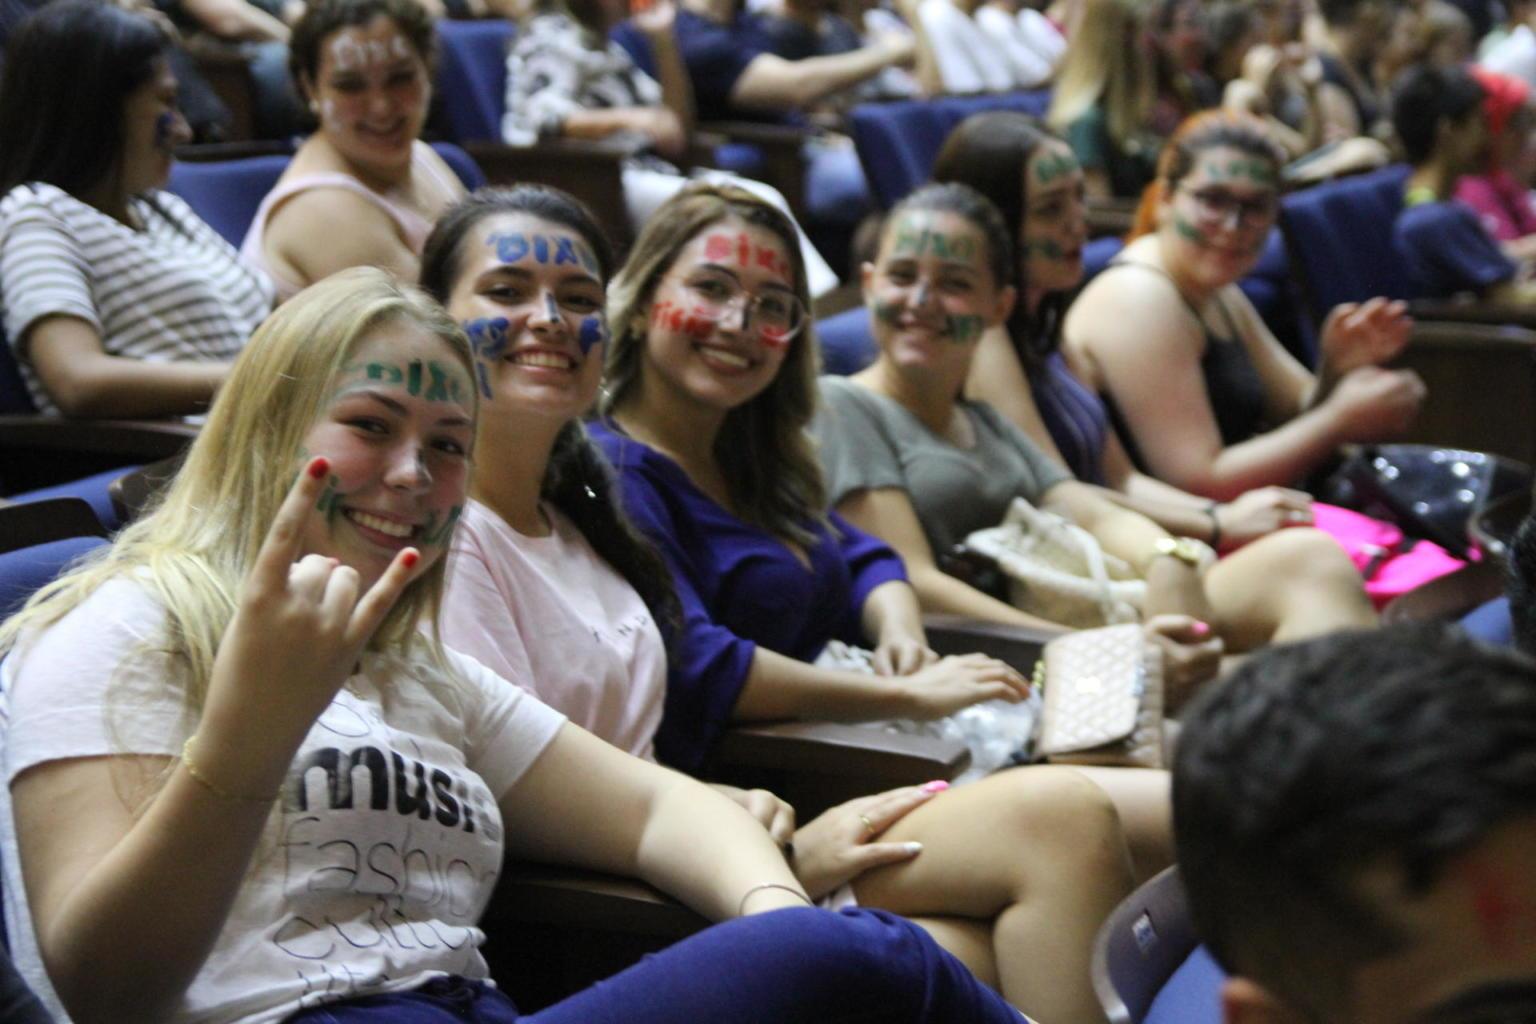 Pessoas sentadas em um auditório com rostos pintados de bixos